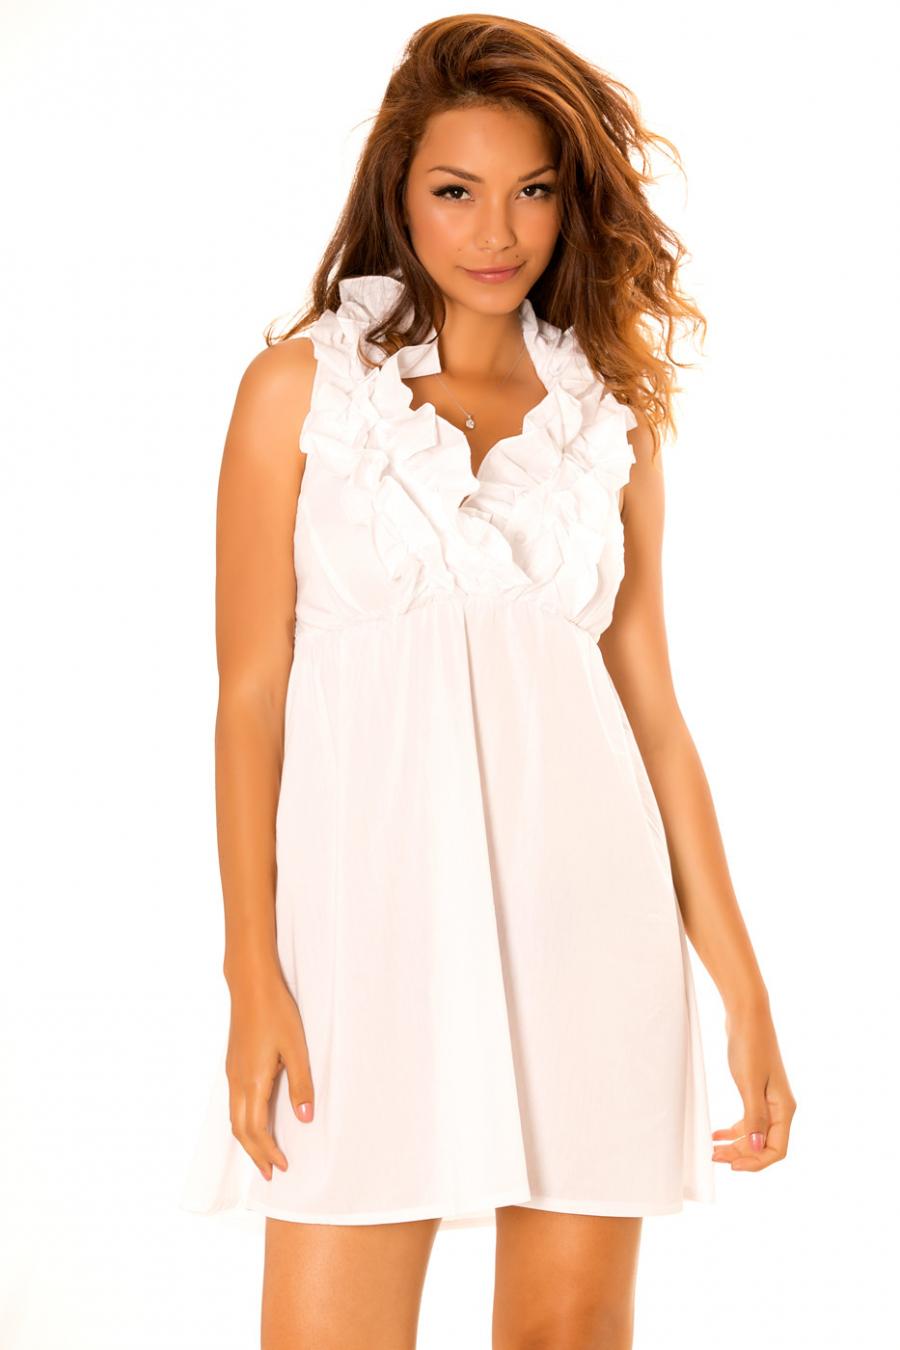 Witte jurk met ruches kraag en open rug. Trendy jurk. 930